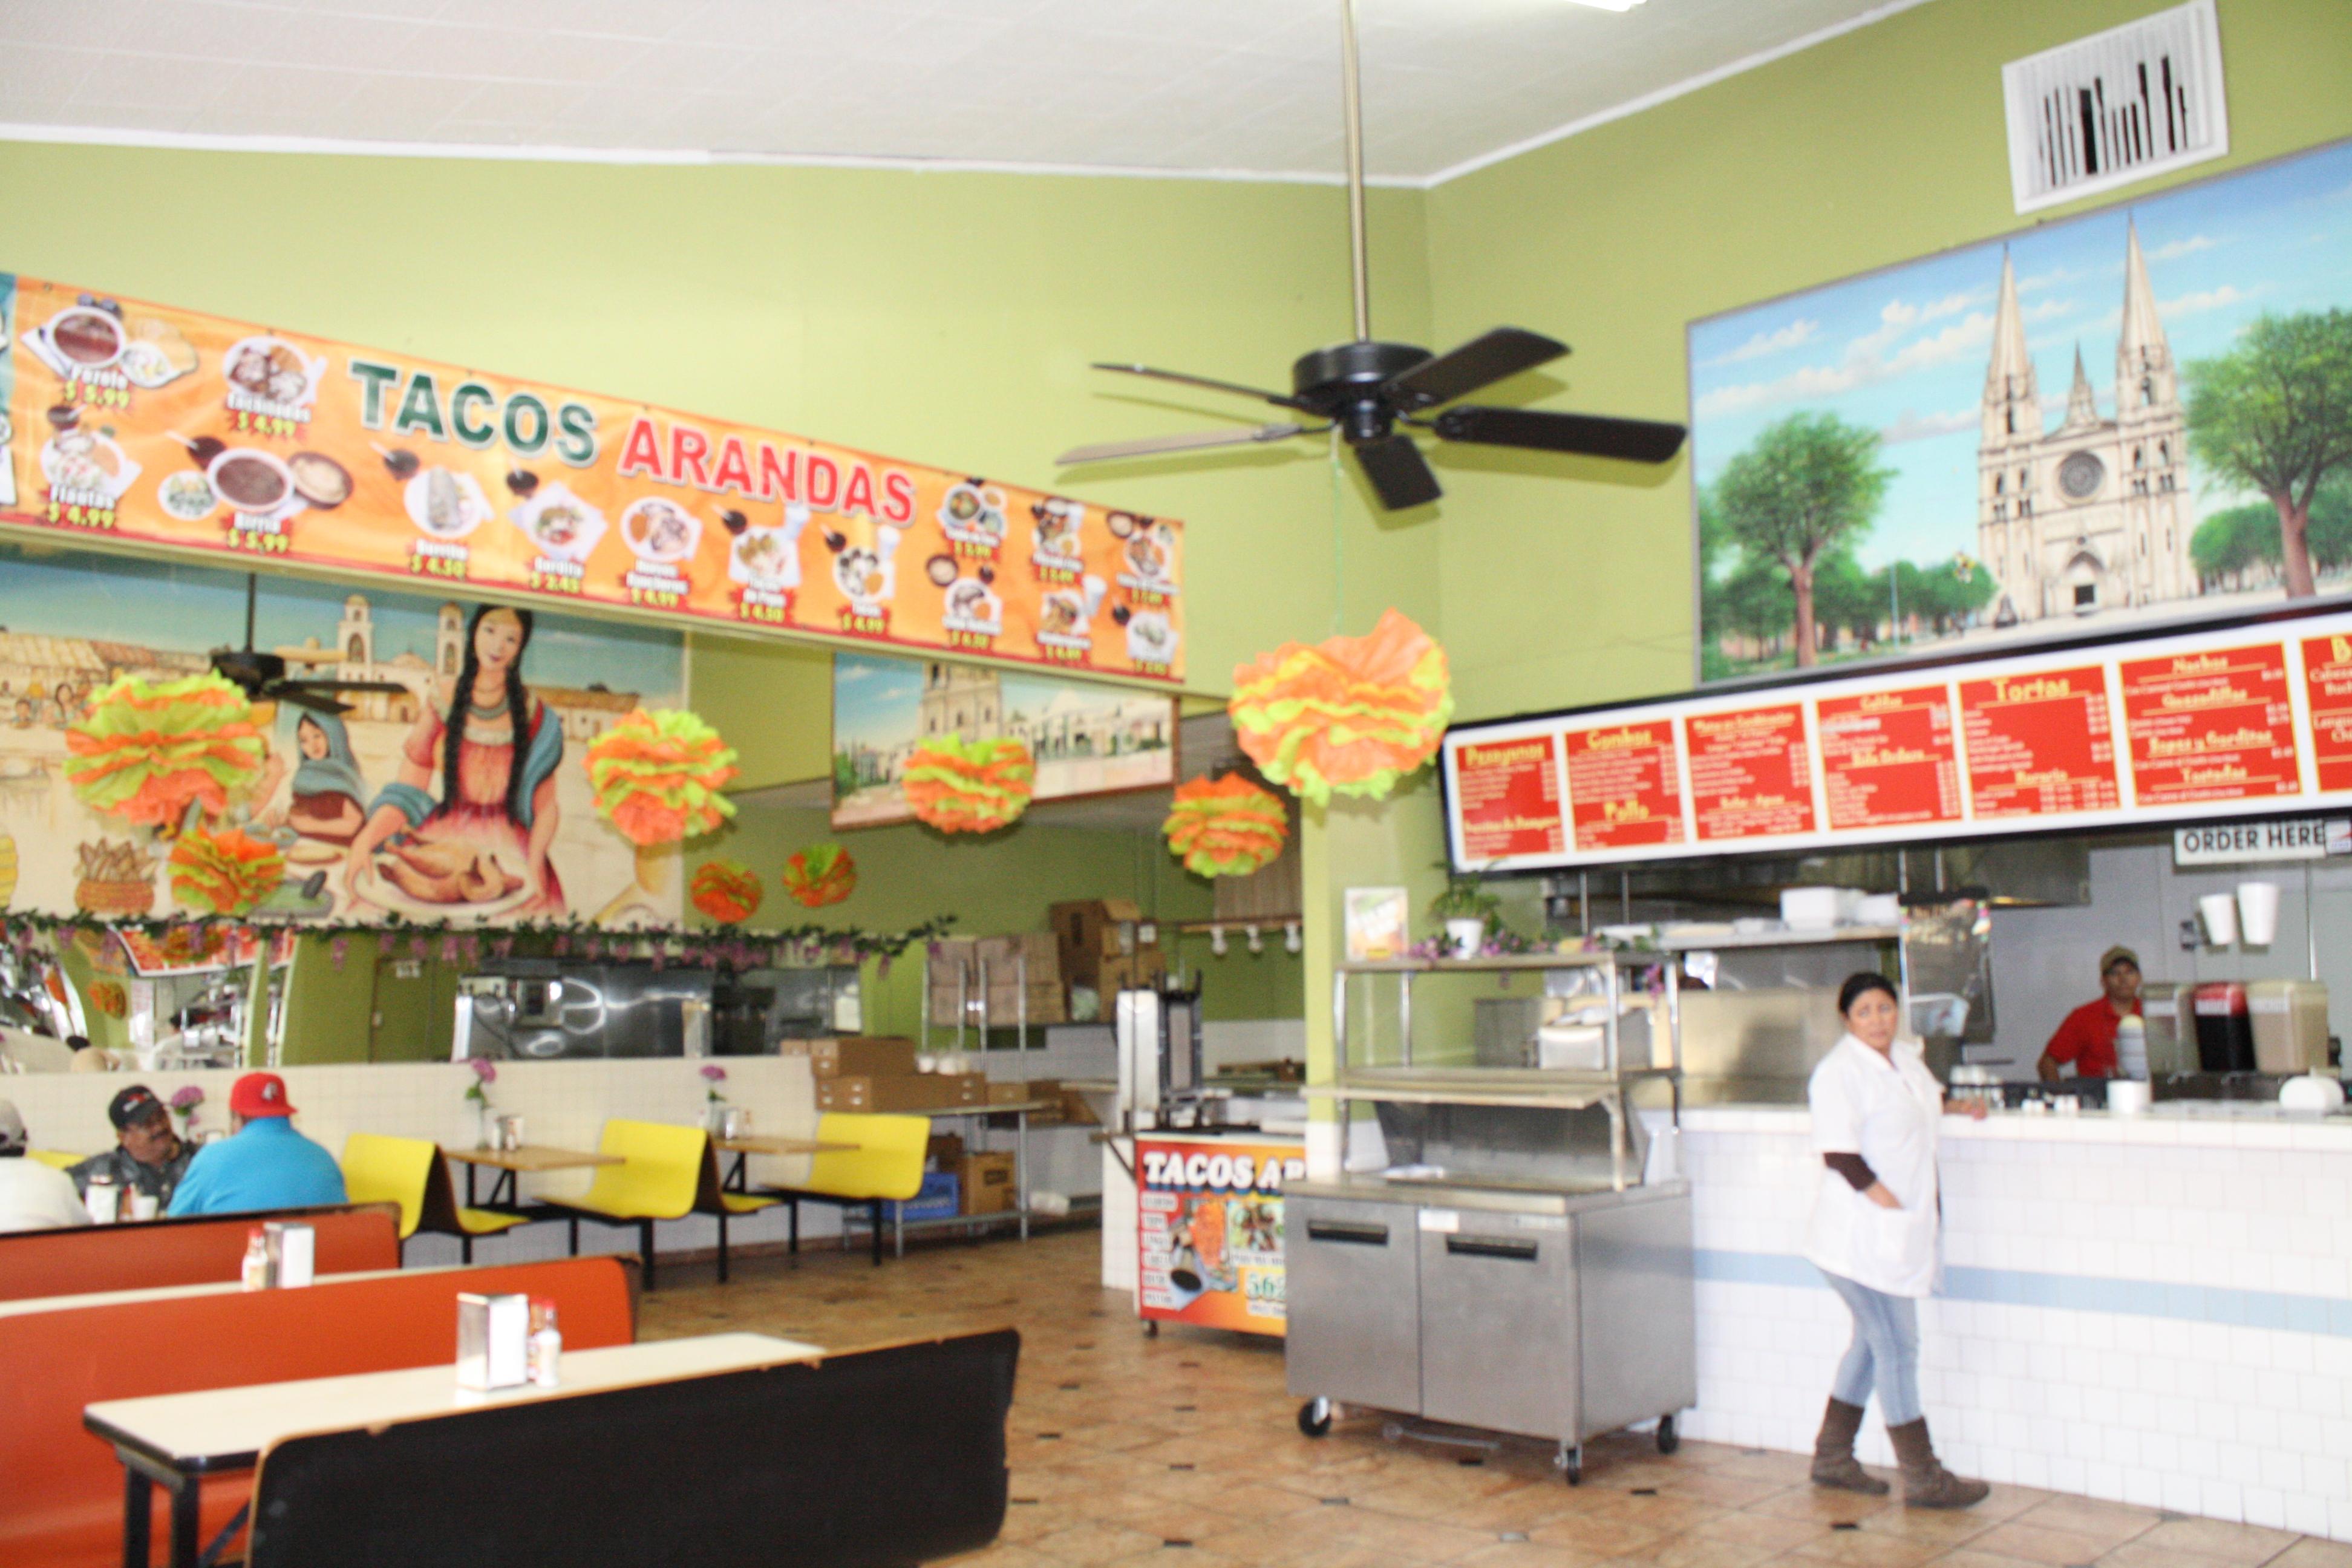 El ambiente en Tacos Arandas es tranquilo, amplio y limpio (Foto de Agustín Durán/El Pasajero).